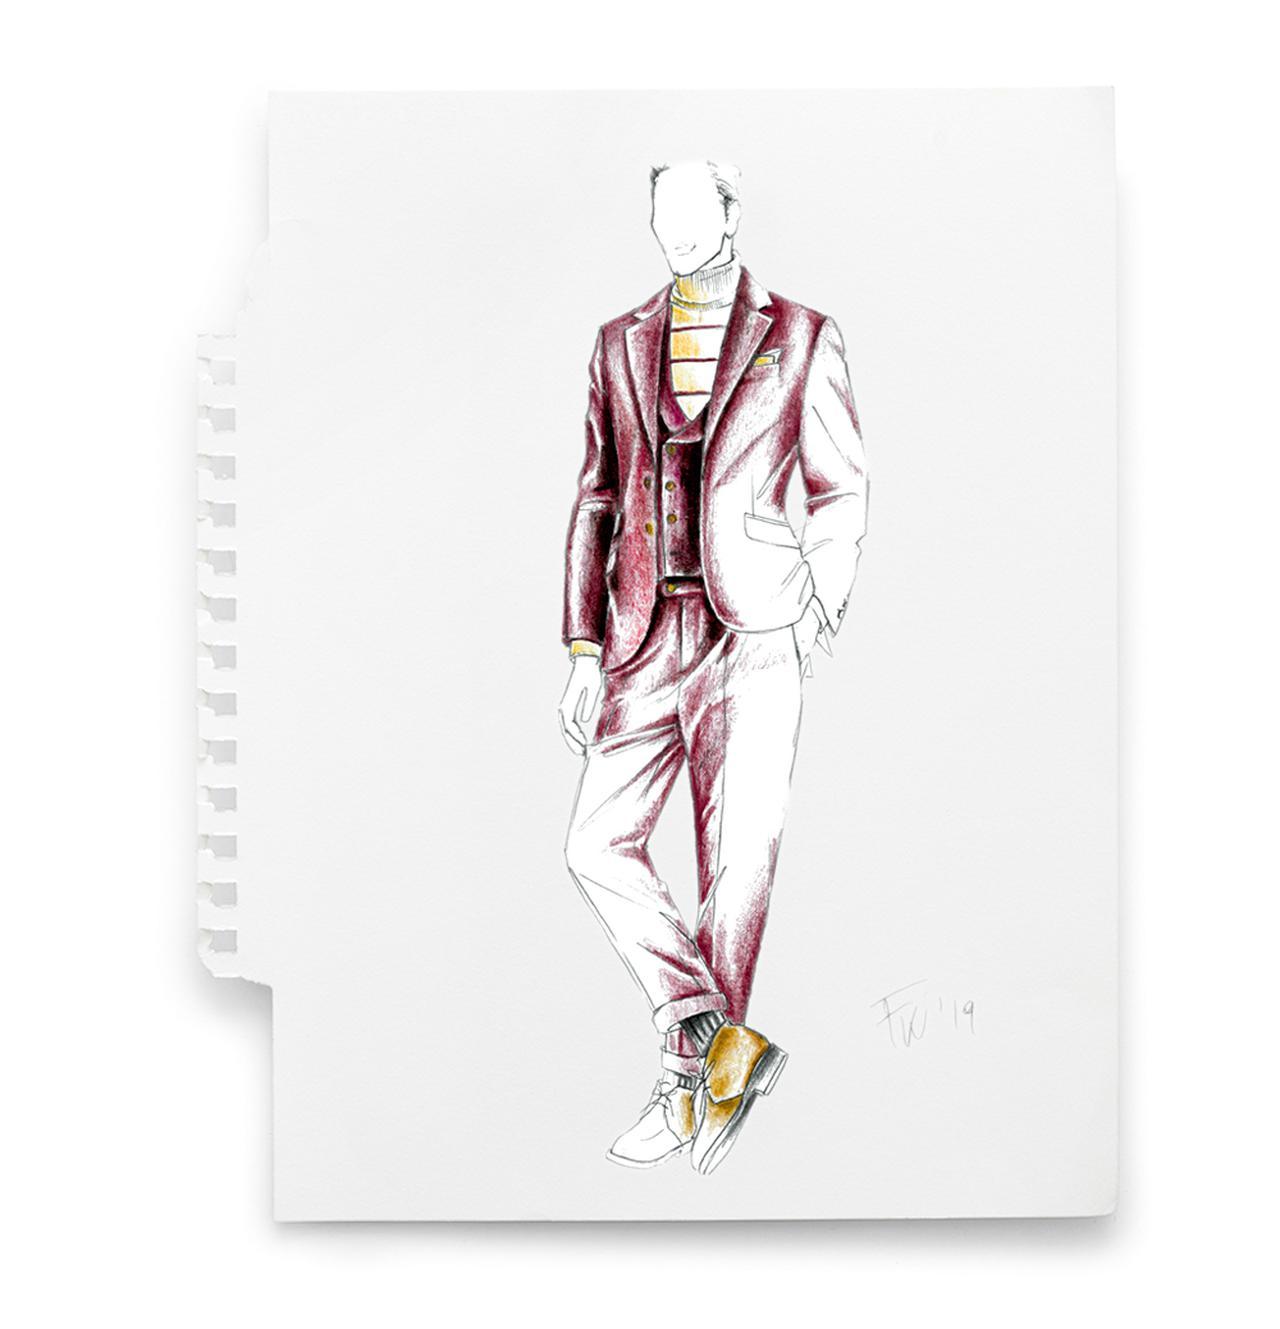 Images : 5番目の画像 - 「服、そして文化や暮らしを創る男、 デザイナー ブルネロ・クチネリの 愛するもの」のアルバム - T JAPAN:The New York Times Style Magazine 公式サイト